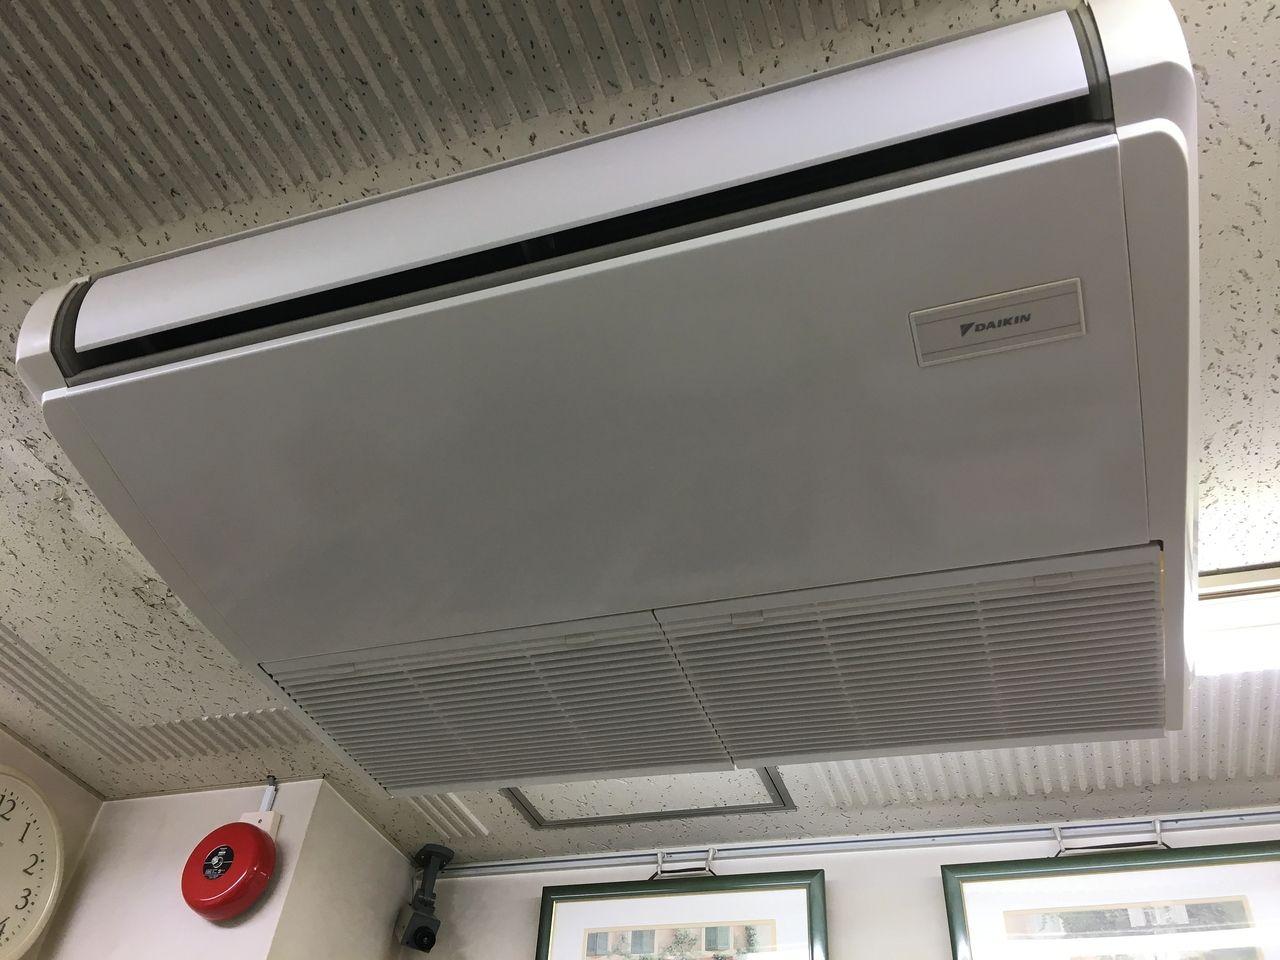 ア・ス・ヴェルデ管理事務所のエアコンフィルターを清掃しました!!